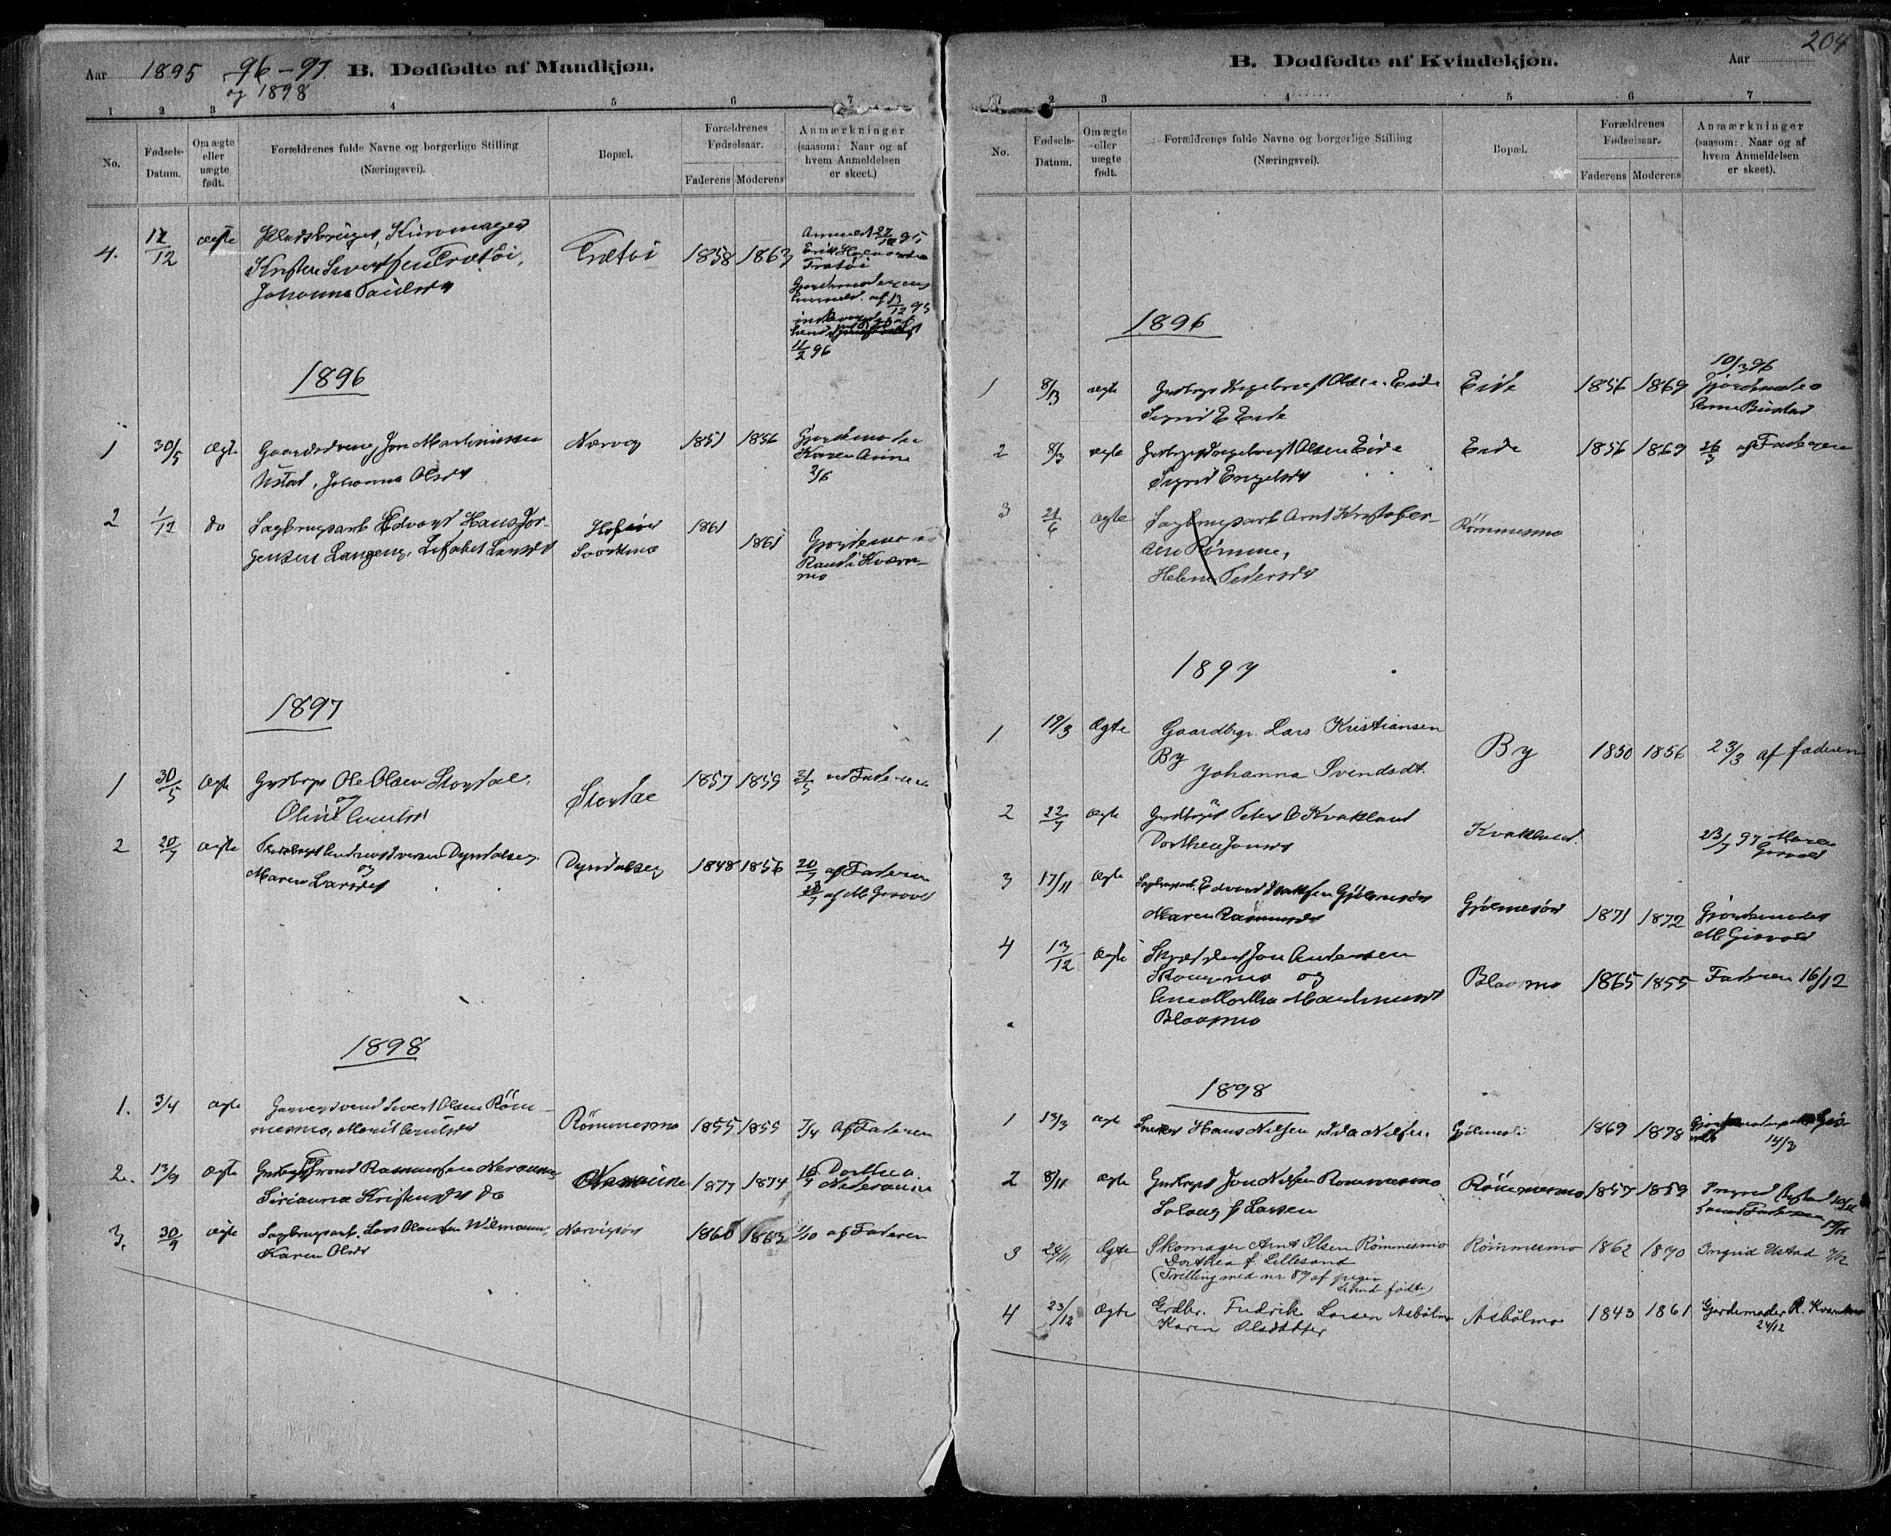 SAT, Ministerialprotokoller, klokkerbøker og fødselsregistre - Sør-Trøndelag, 668/L0811: Ministerialbok nr. 668A11, 1894-1913, s. 204